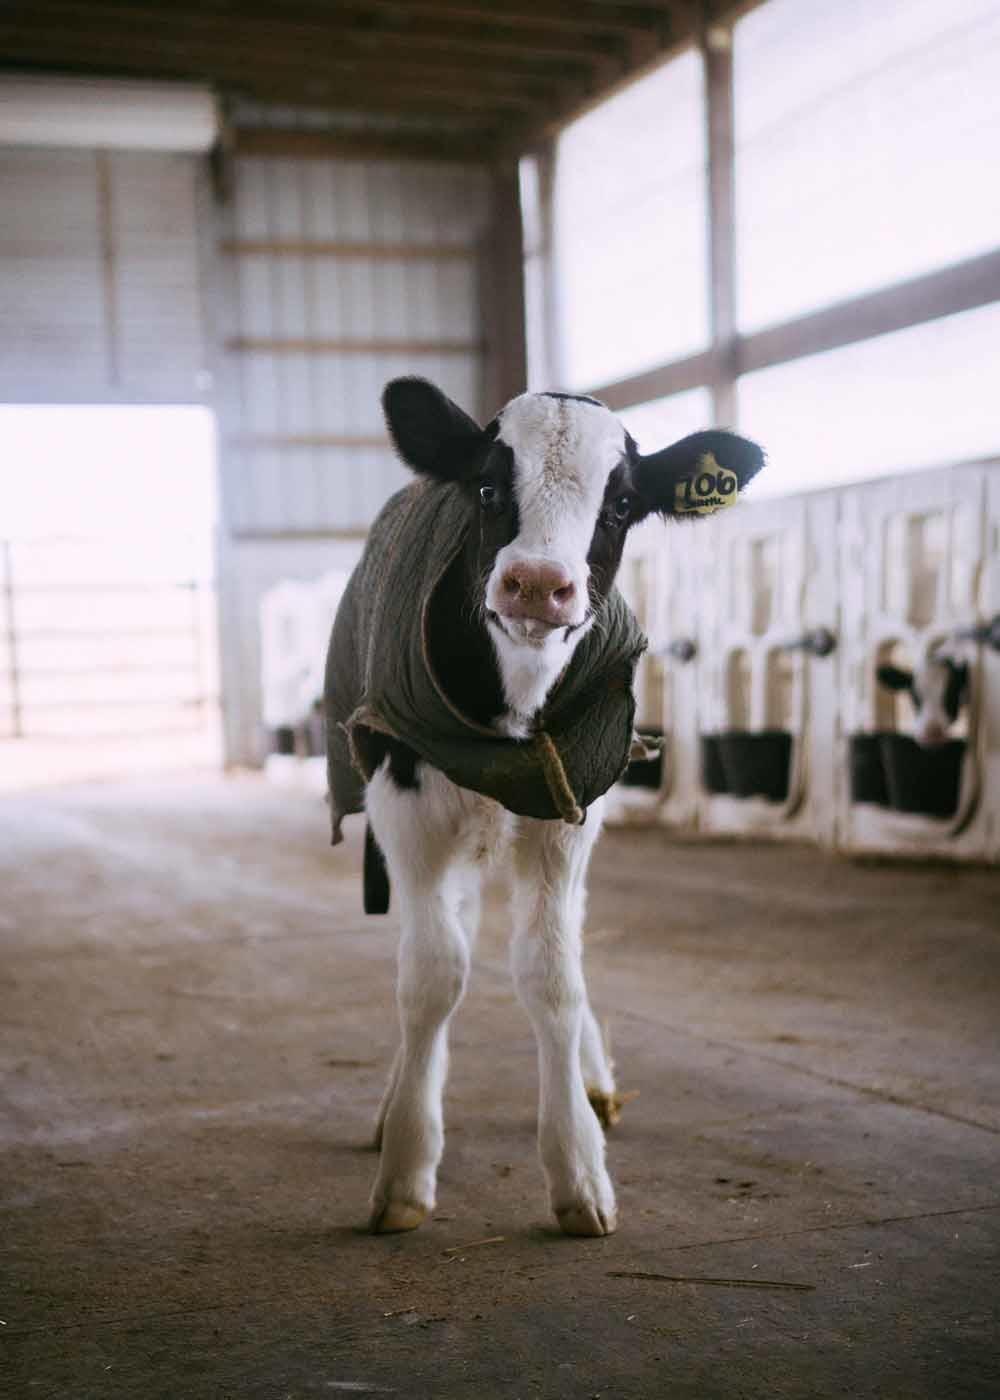 In de melkveehouderij wordt aangeraden om het kalf binnen een uur na de geboorte bij de moeder weg te halen, om de traumatische impact van de scheiding zo klein mogelijk te houden.